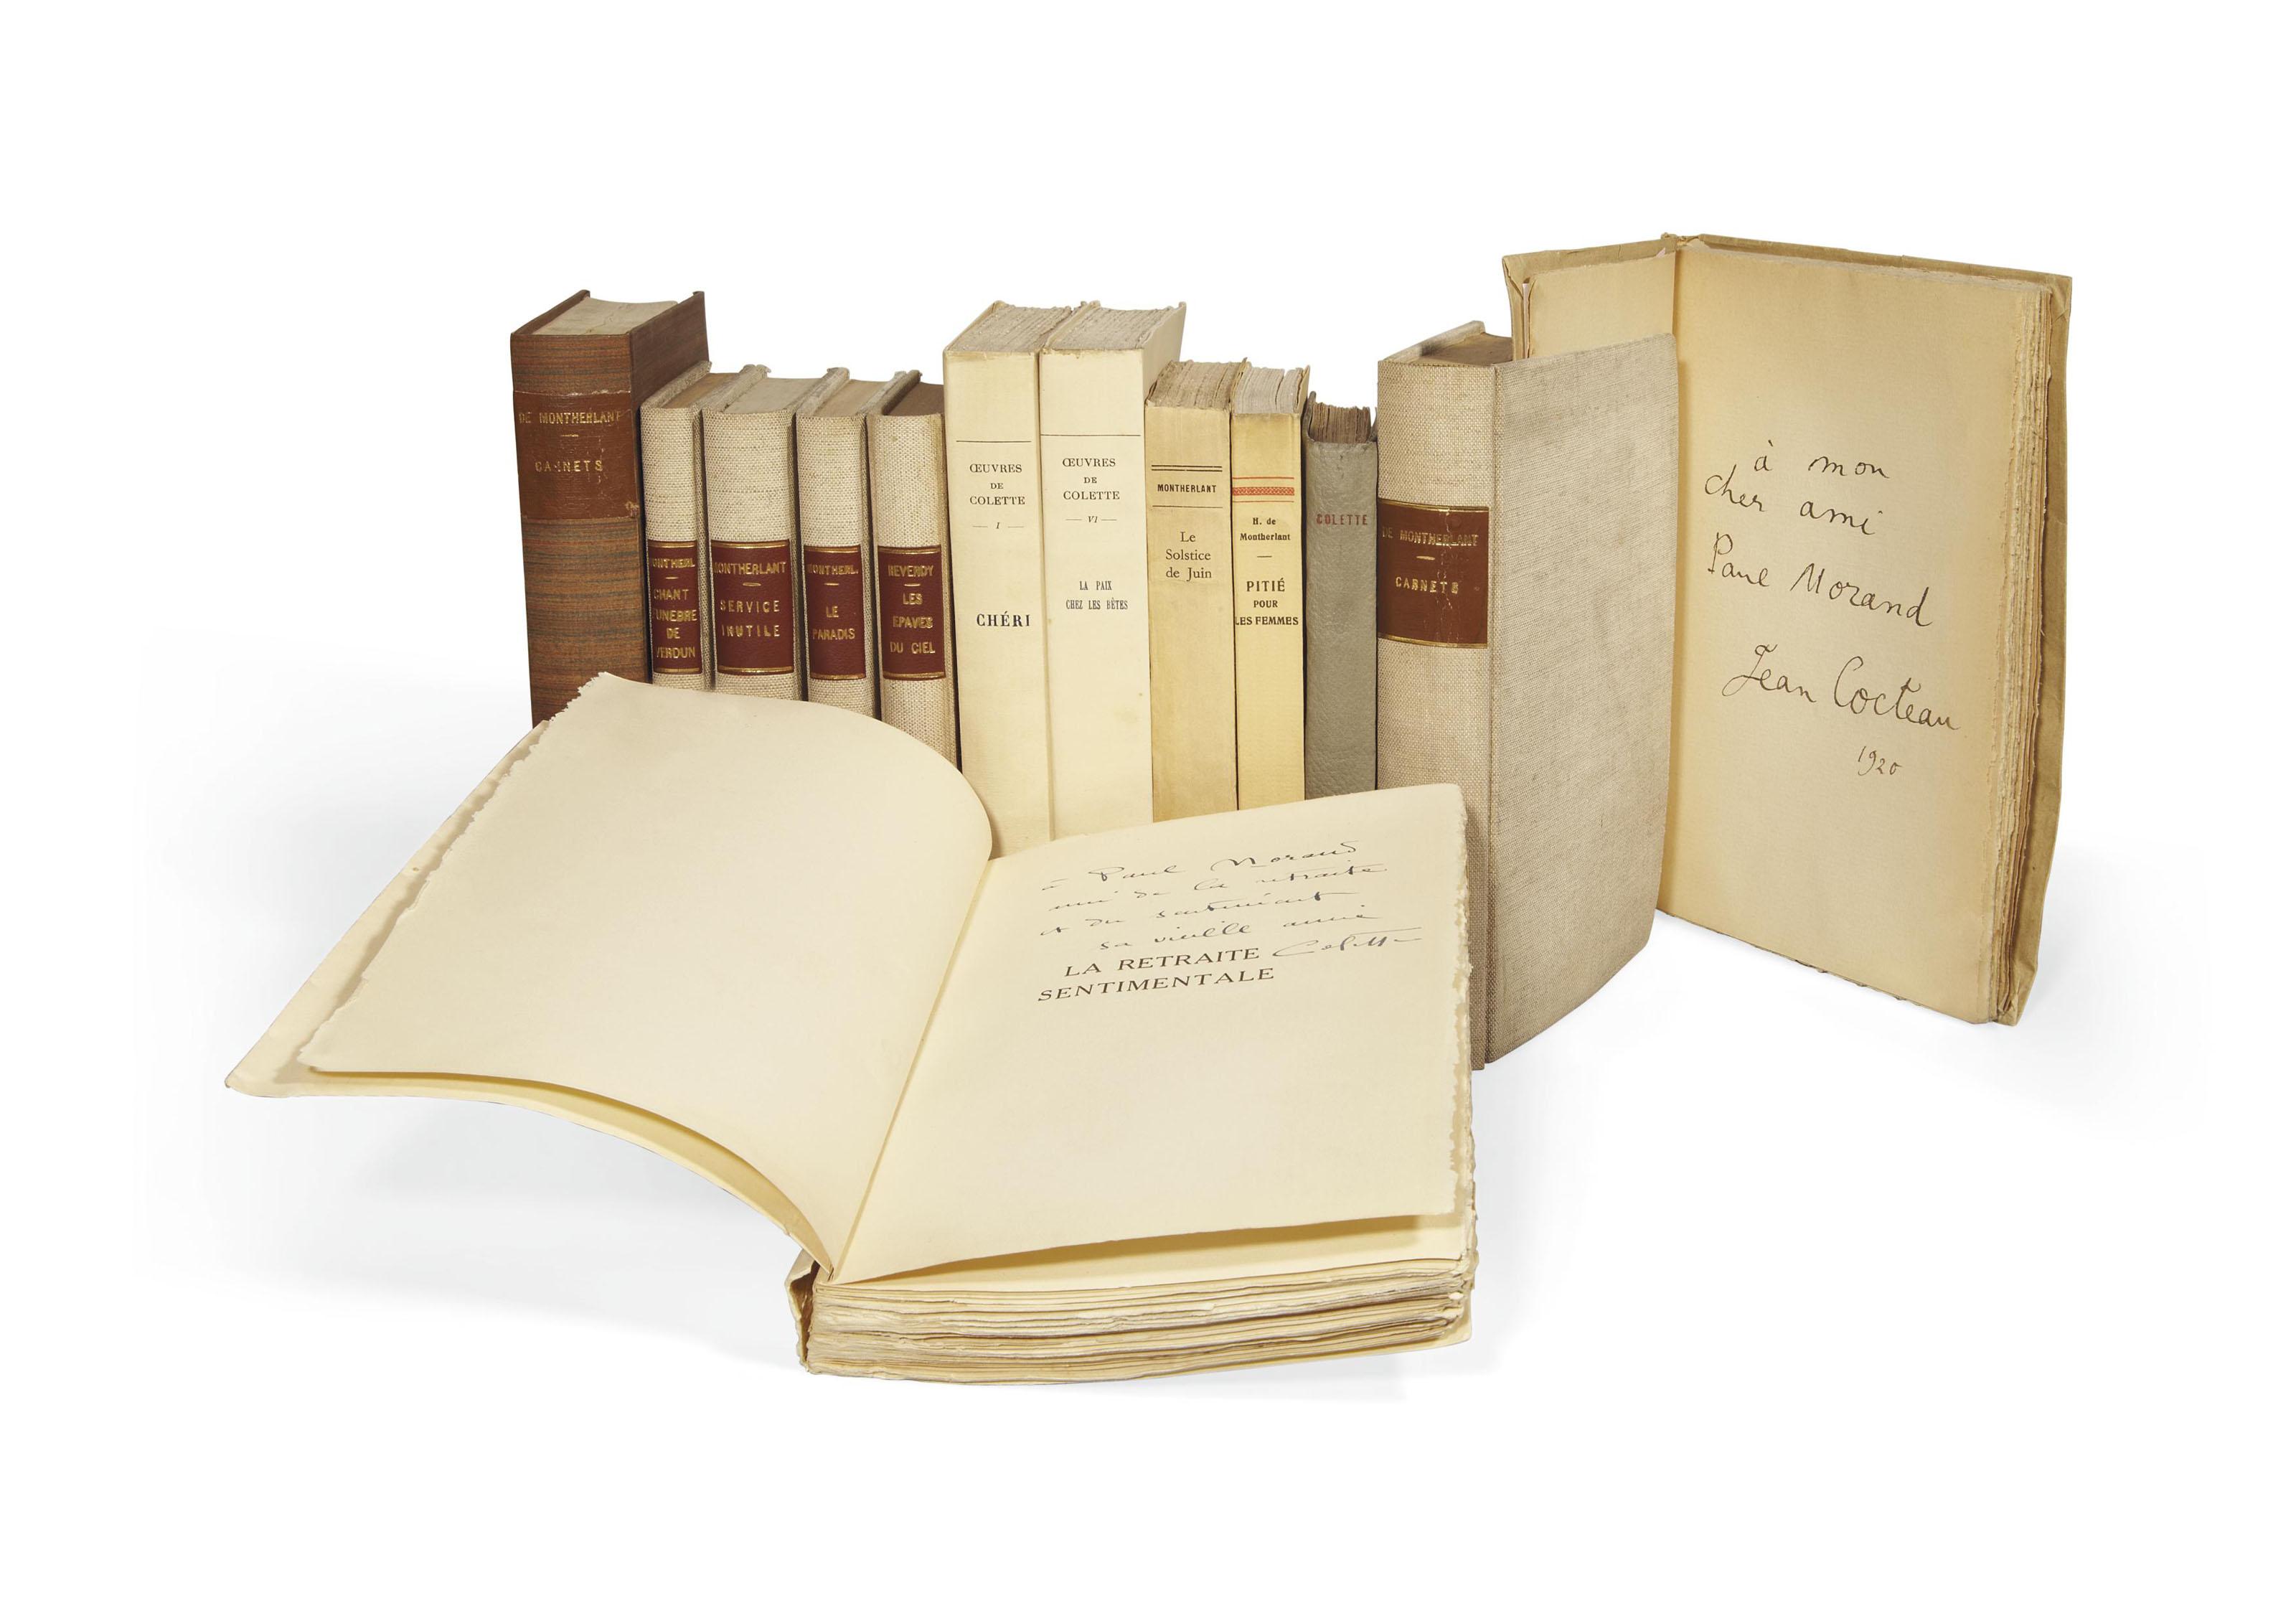 [MORAND, Paul] -- Réunion de 32 textes de Montherlant, Colette, Cocteau, Drieu La Rochelle, Crevel, Breton, etc., en édition originale, la plupart brochés et chacun enrichi d'un envoi autographe signé de l'auteur à Paul Morand dont: